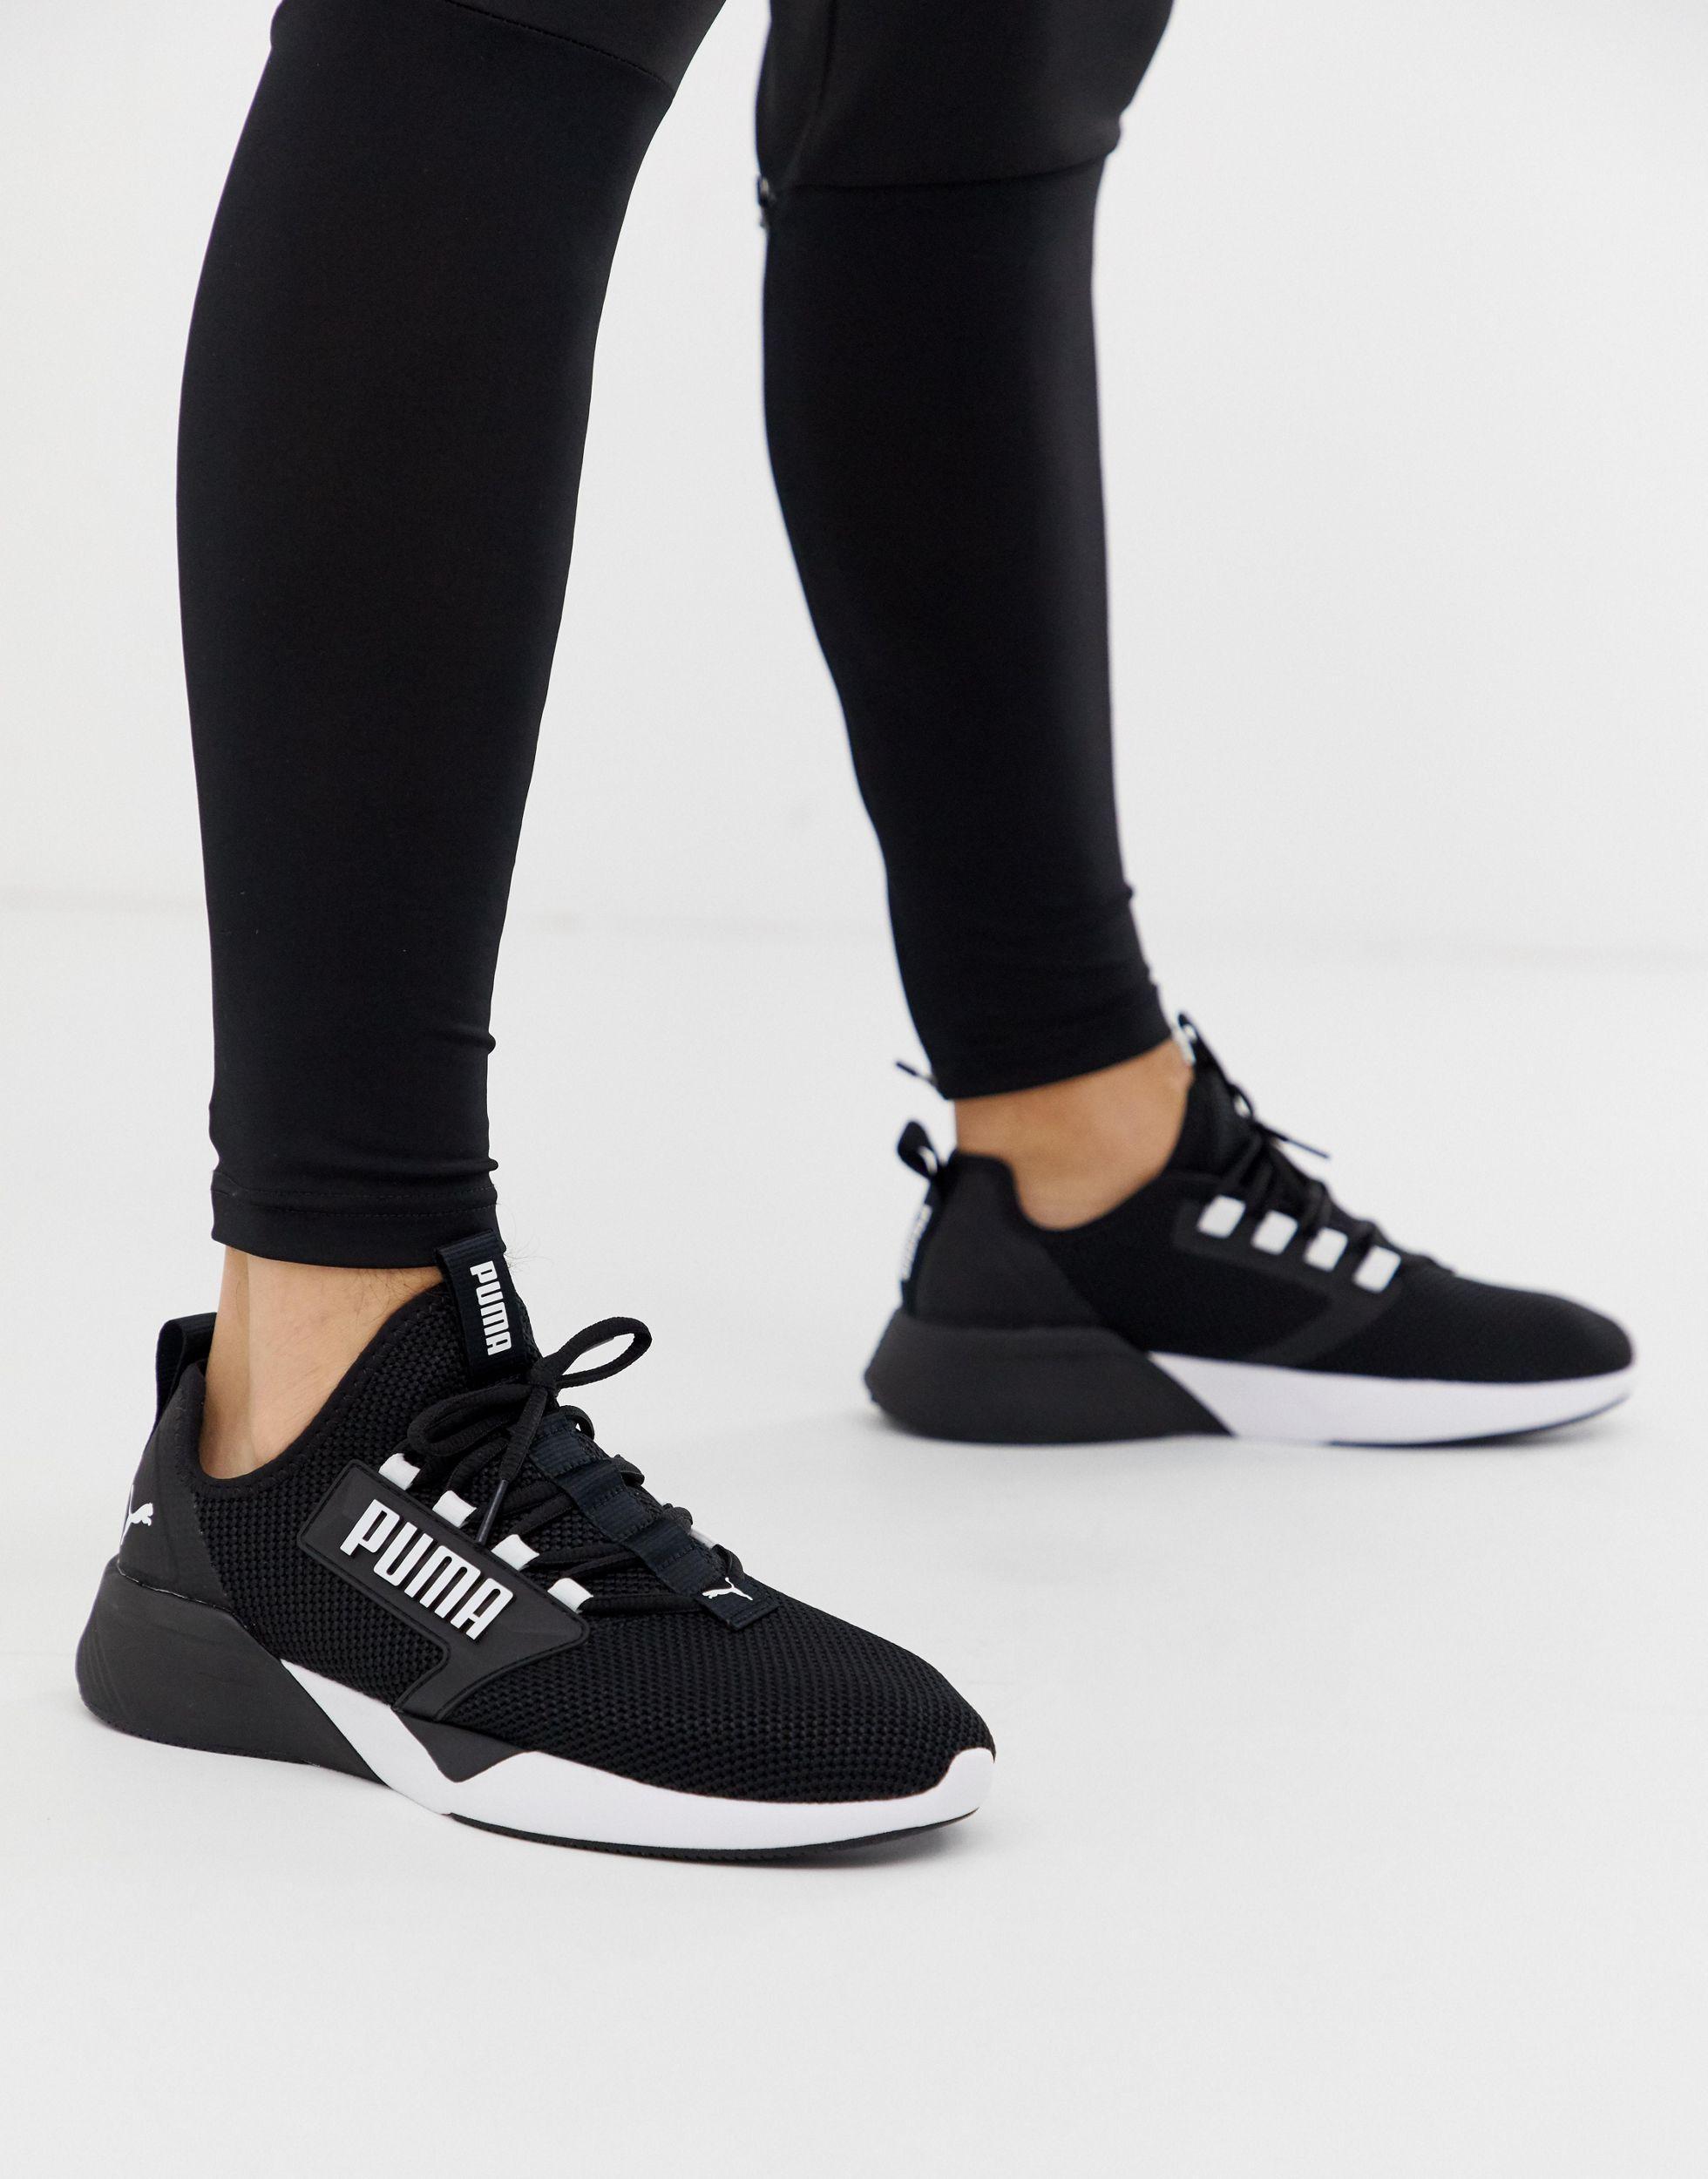 PUMA Retaliate Training Shoes in Black for Men - Lyst